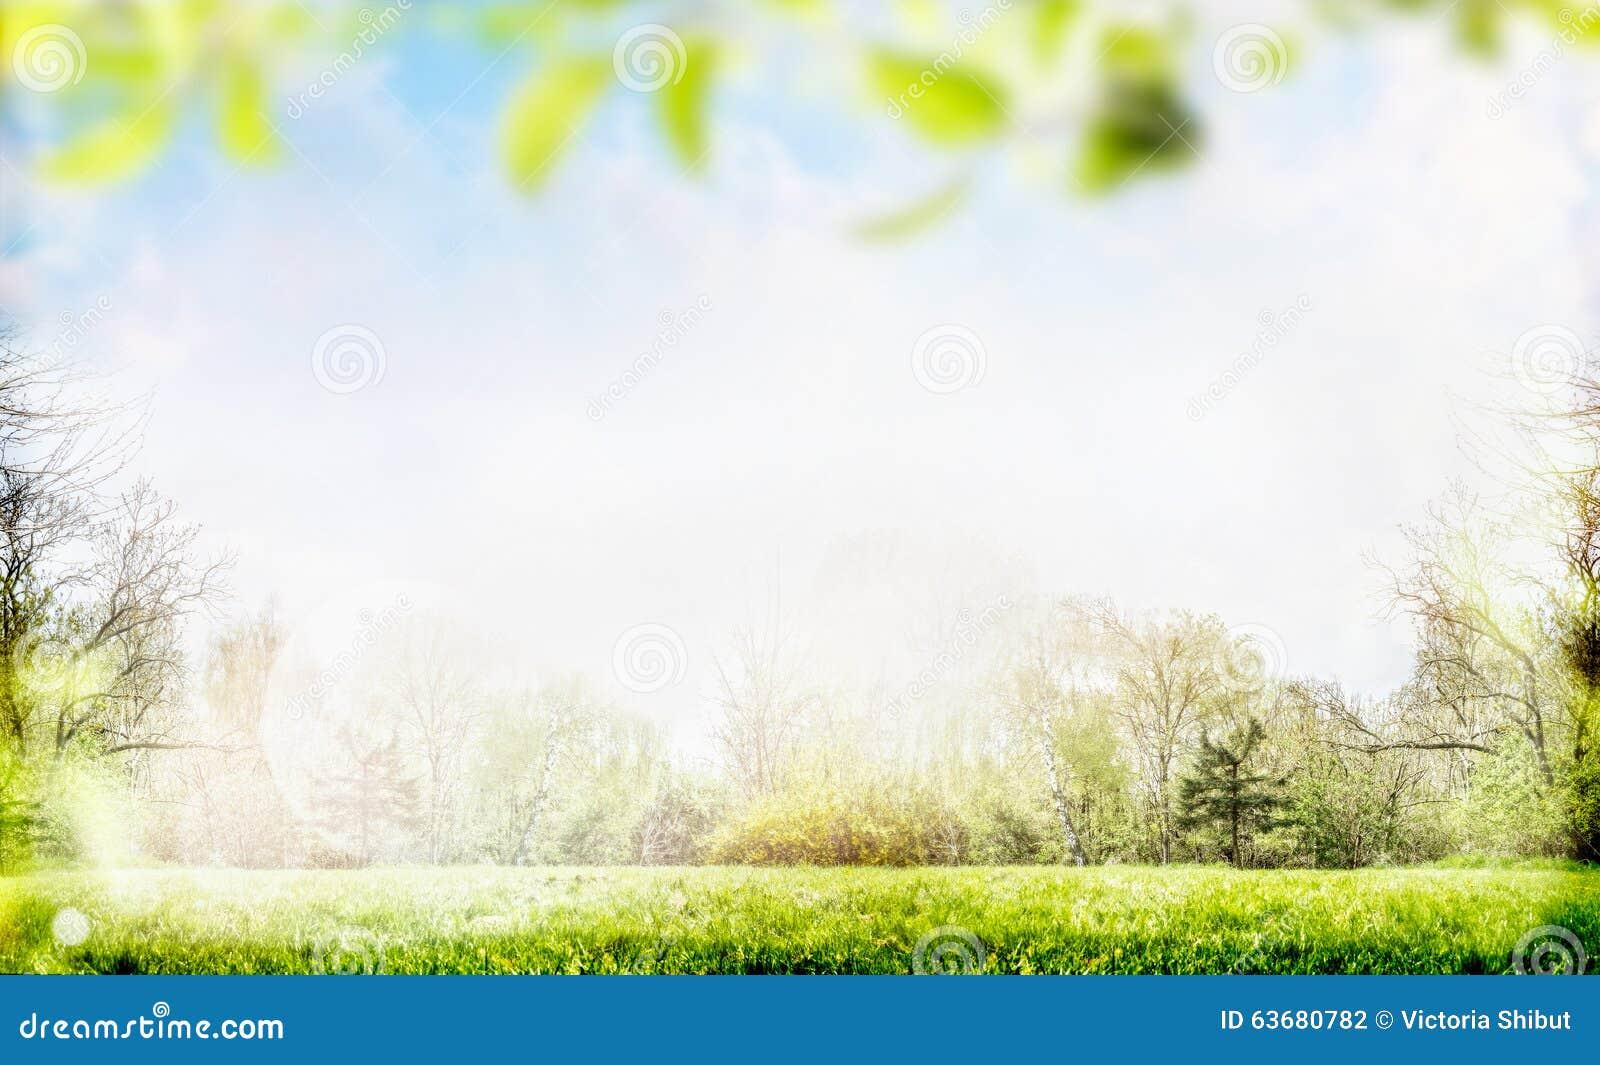 Fondo de la primavera o de la naturaleza del verano con follaje